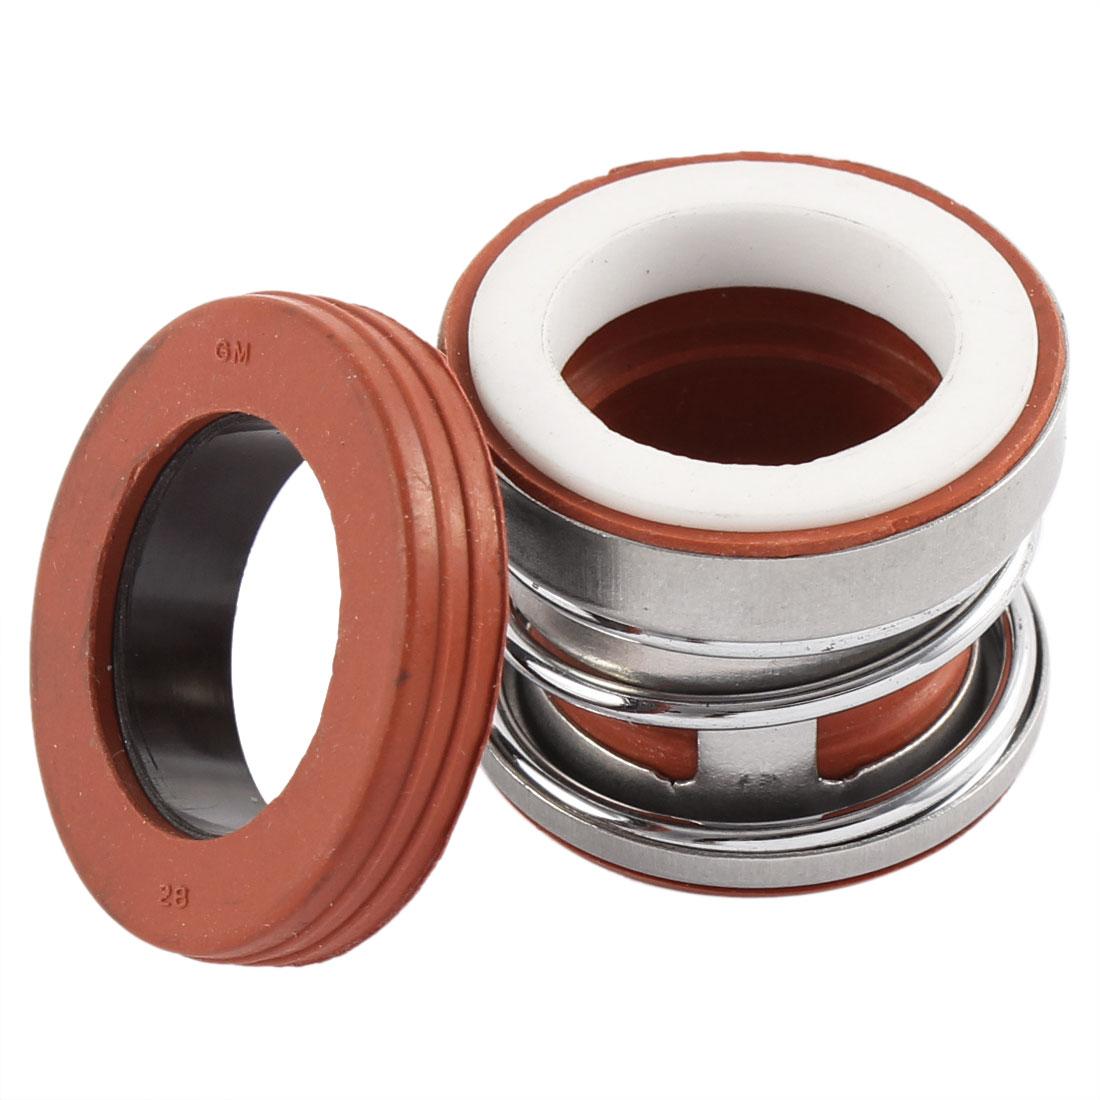 21mm x 21mm Rubber Bellows Pump Shaft Mechanical Seal Silver Tone